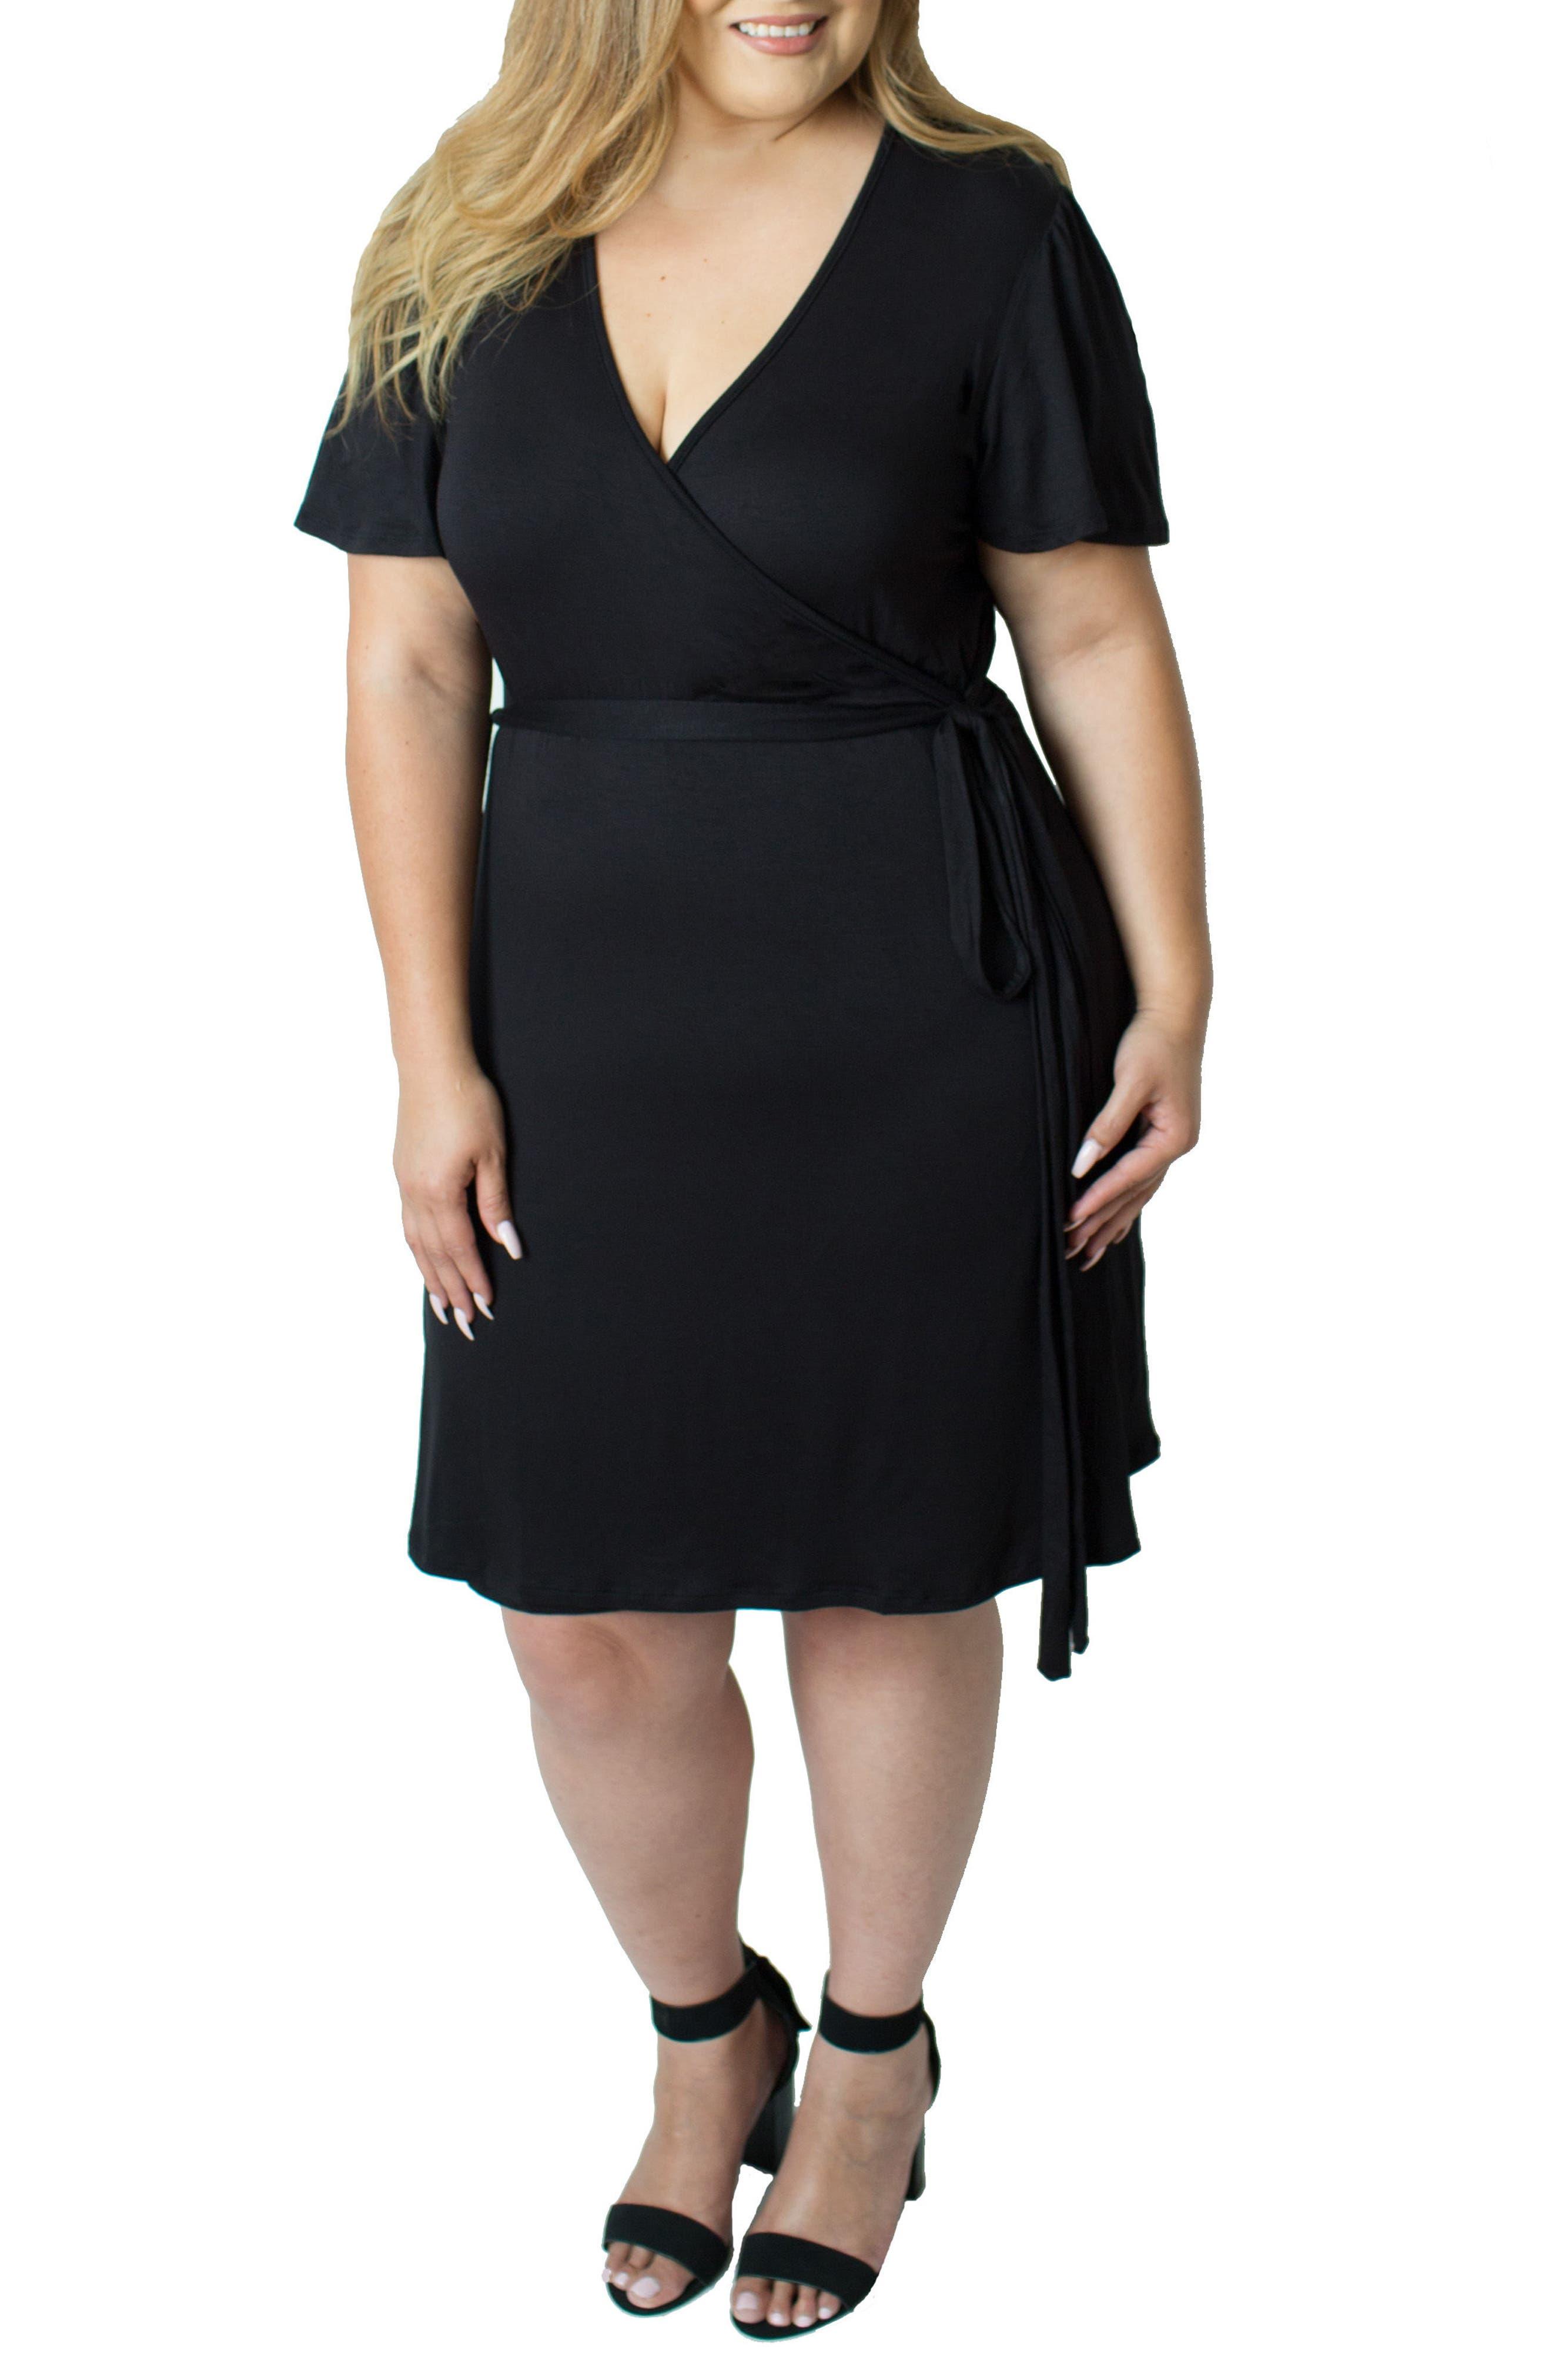 Plus Size Udderly Hot Mama Wrap Maternity/nursing Dress, (1-16W US) - Black